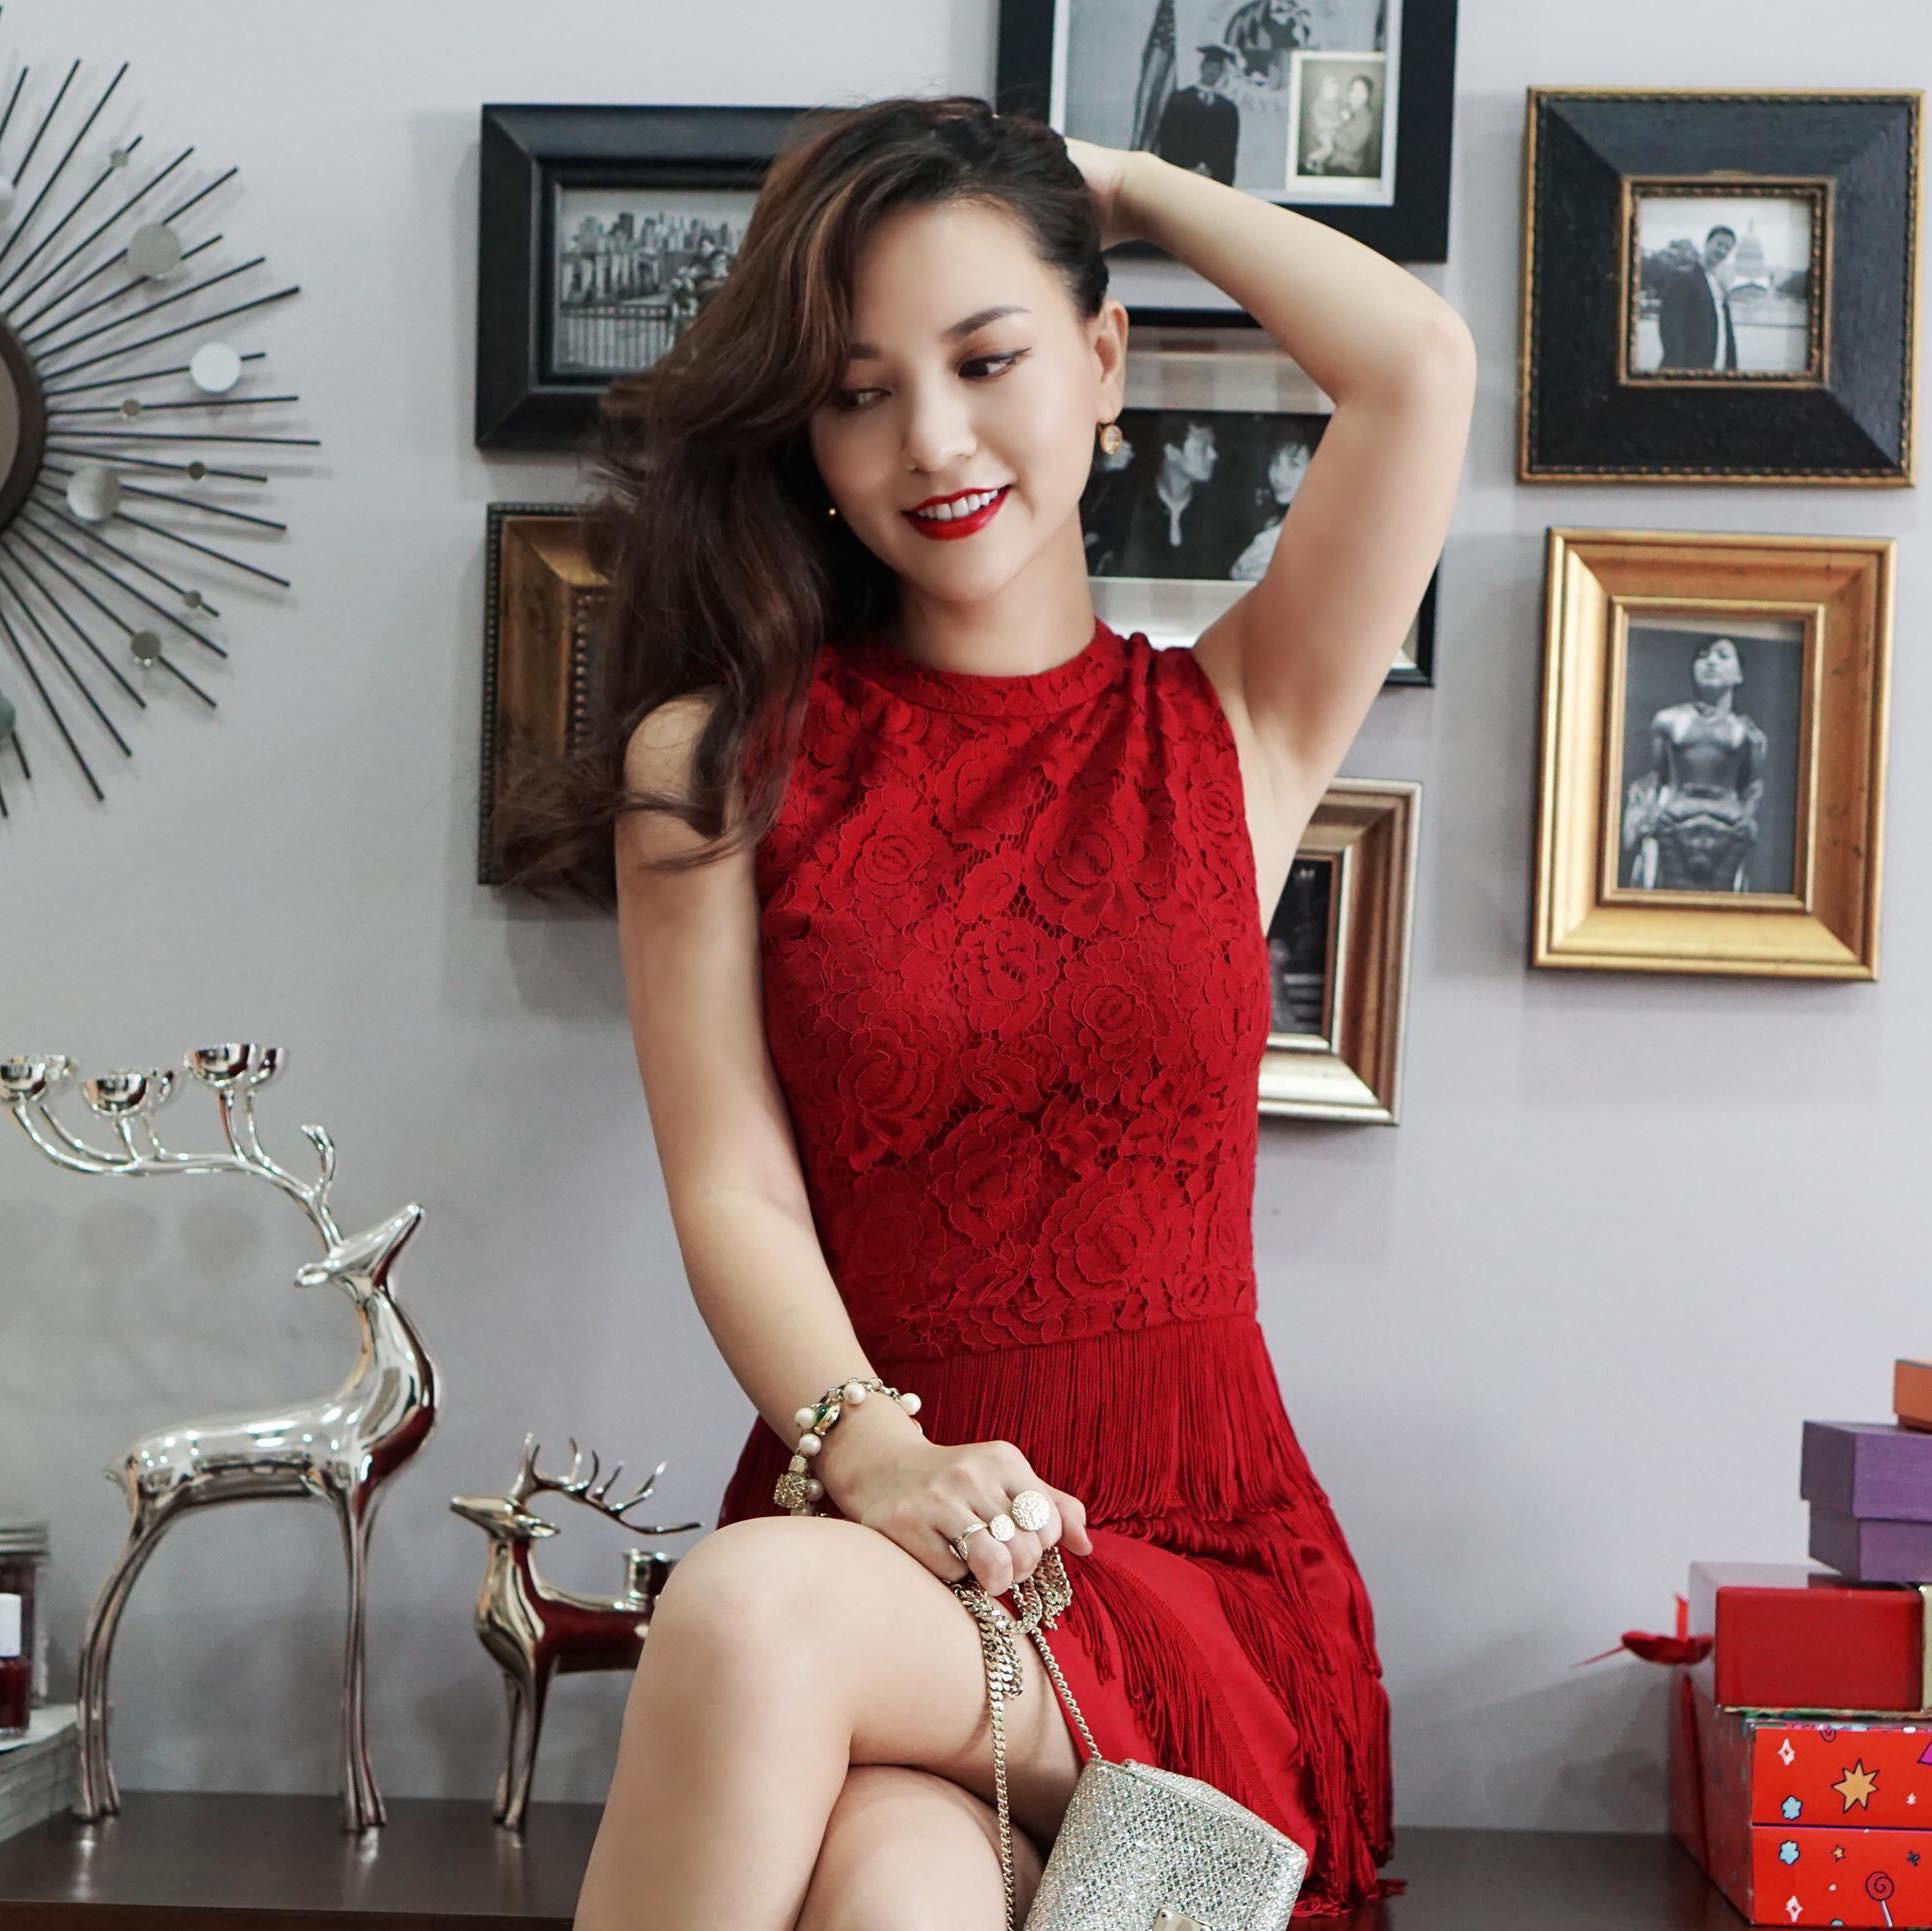 Hotmom Hannah Nguyen gây bão mạng với bài viết: Nhiều người không học đại học vẫn thành công vì họ là thiên tài, nhưng đa số chúng ta không phải là thiên tài - Ảnh 4.